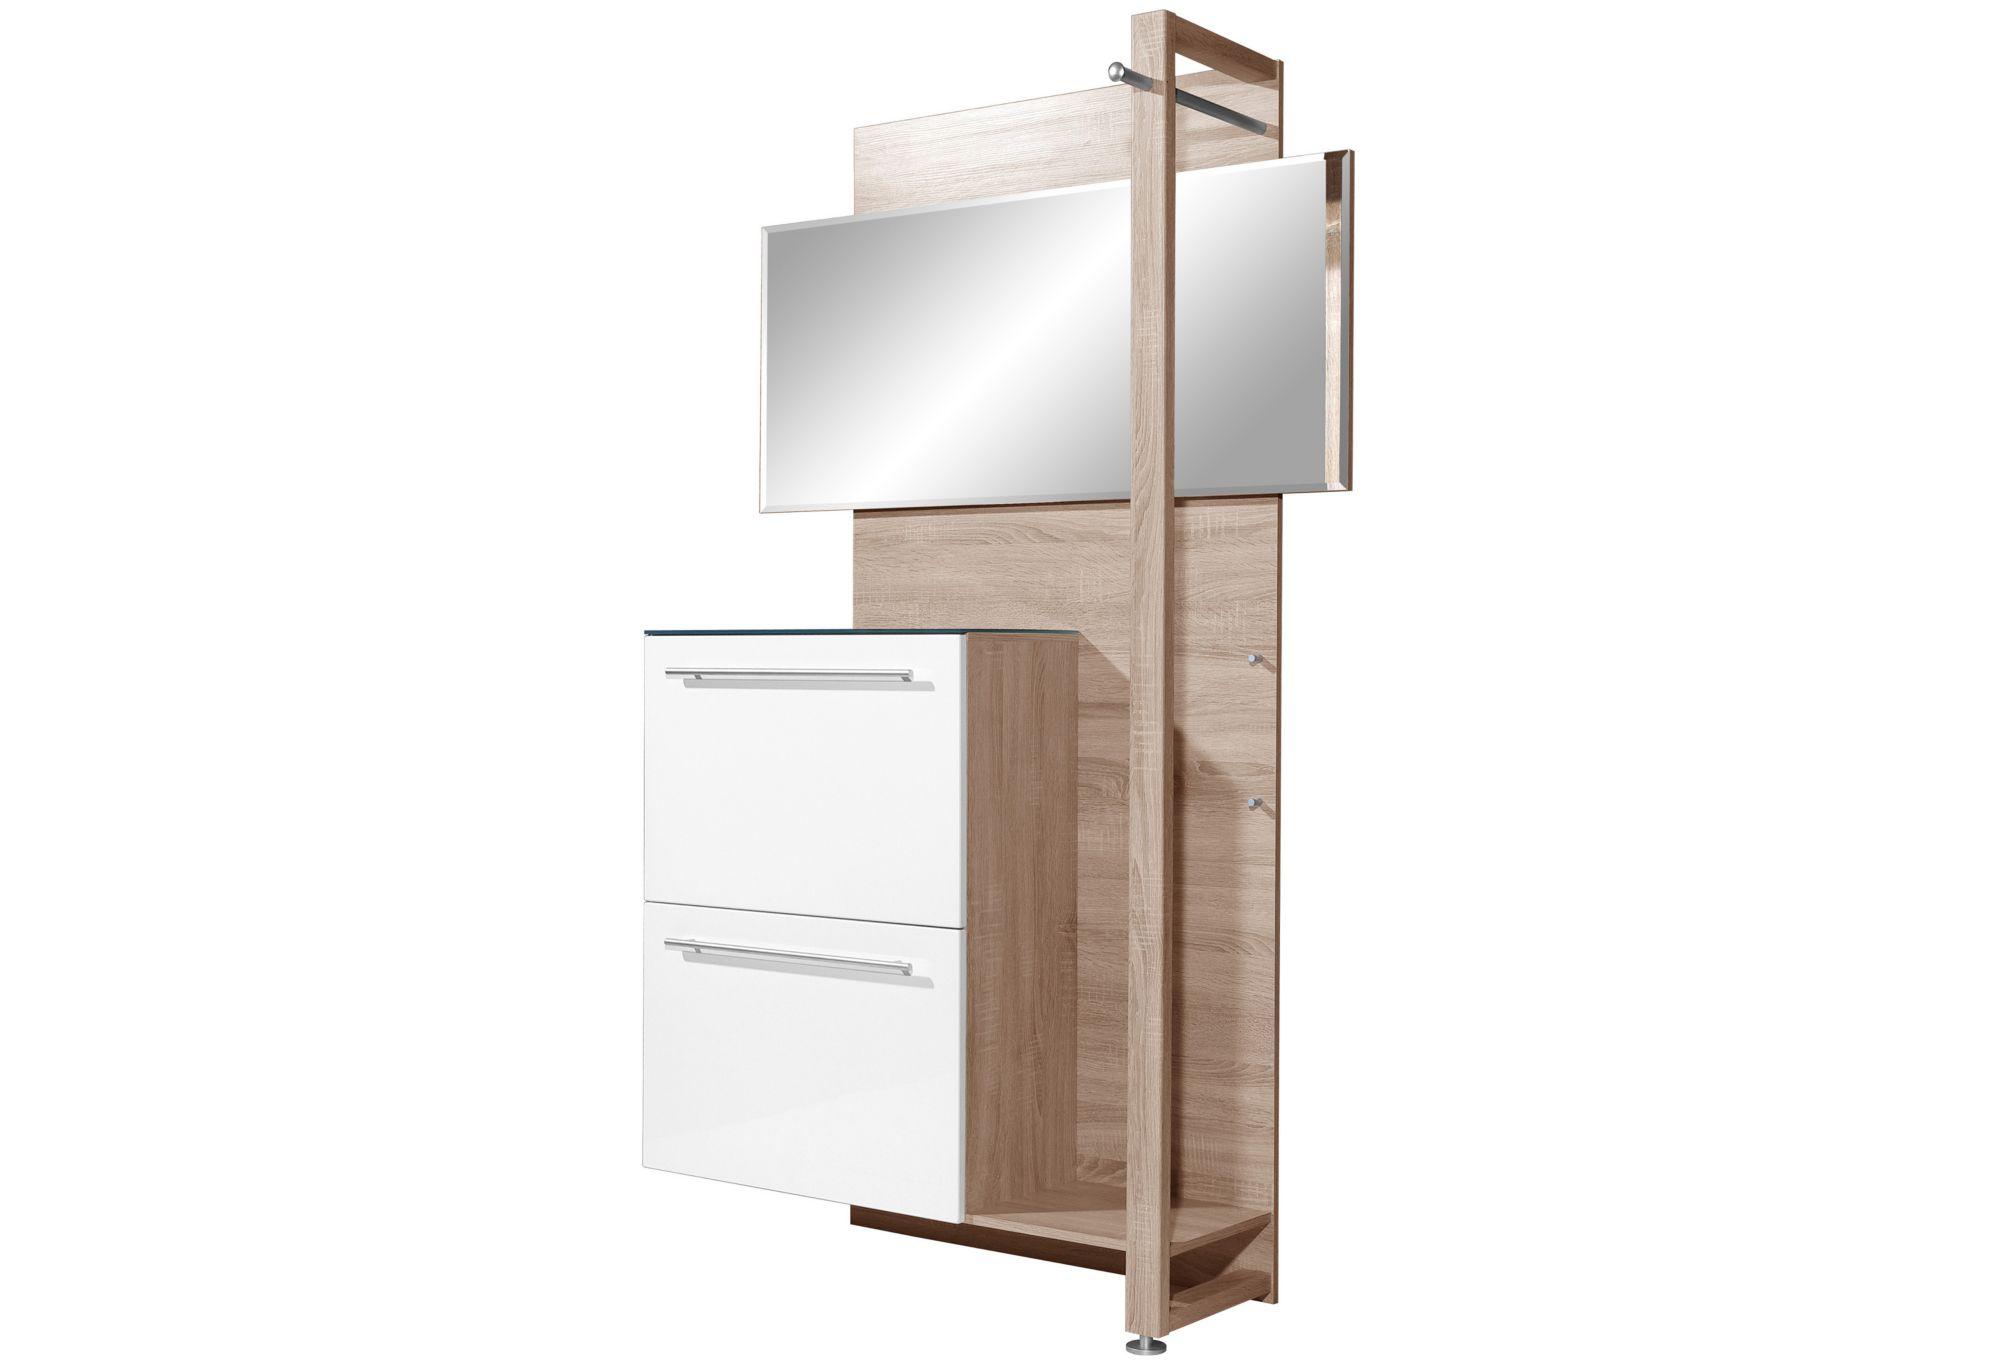 kompaktgarderoben im schwab online shop m bel garderoben. Black Bedroom Furniture Sets. Home Design Ideas